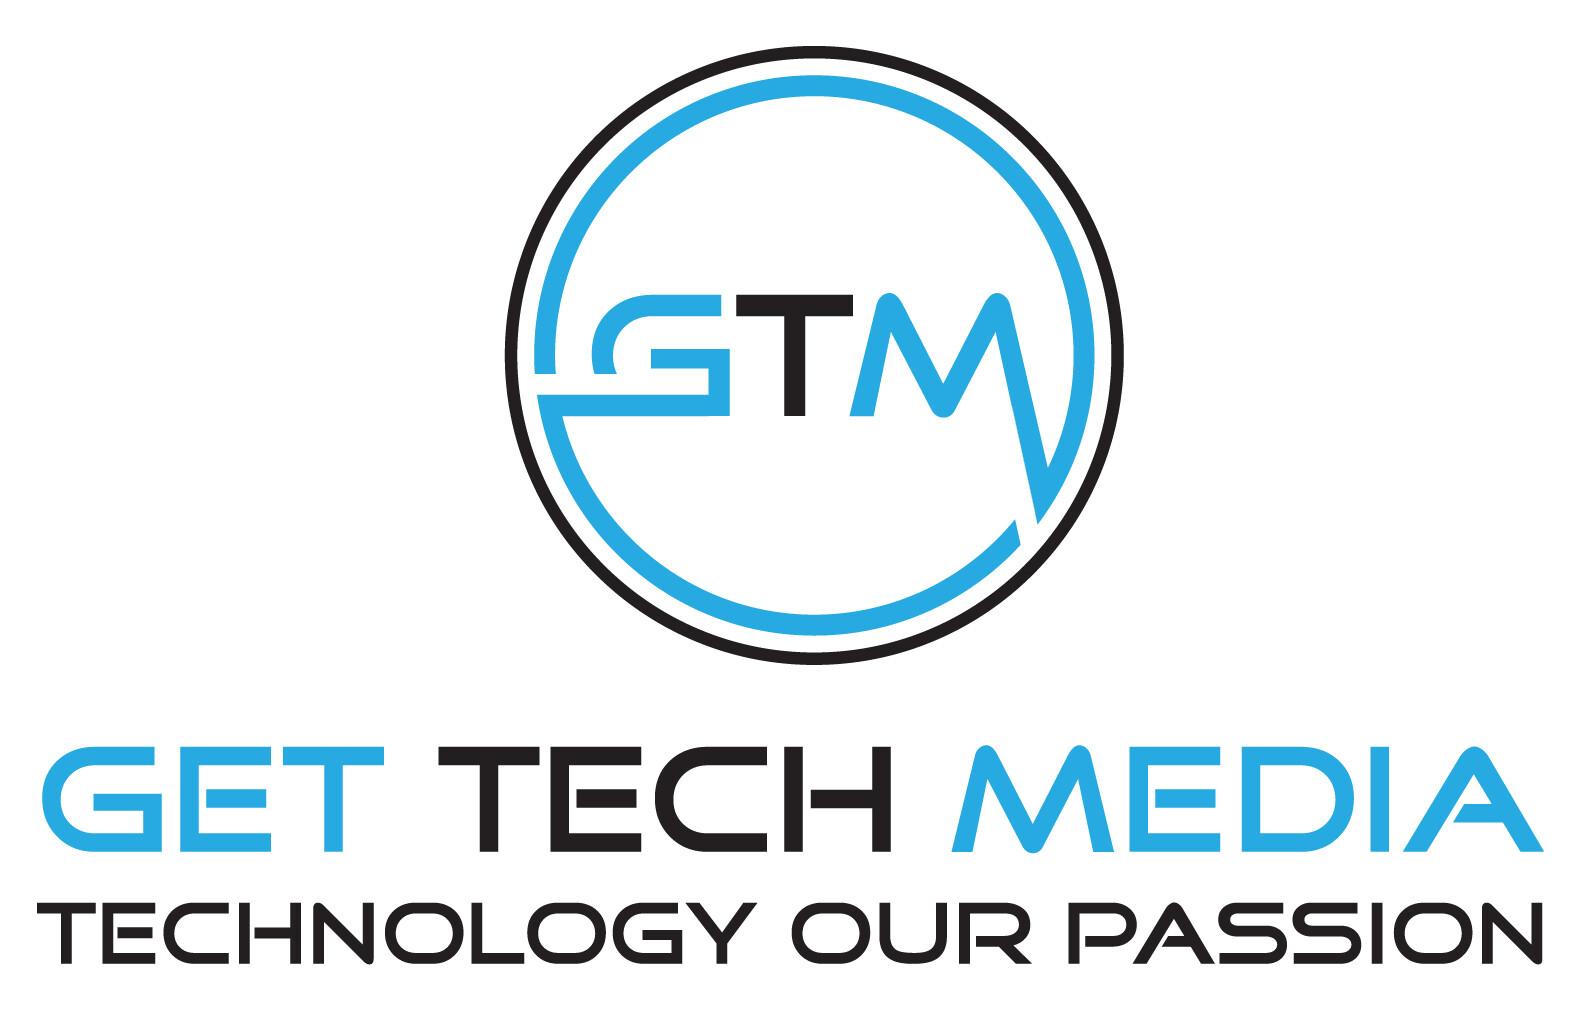 GetTechMedia